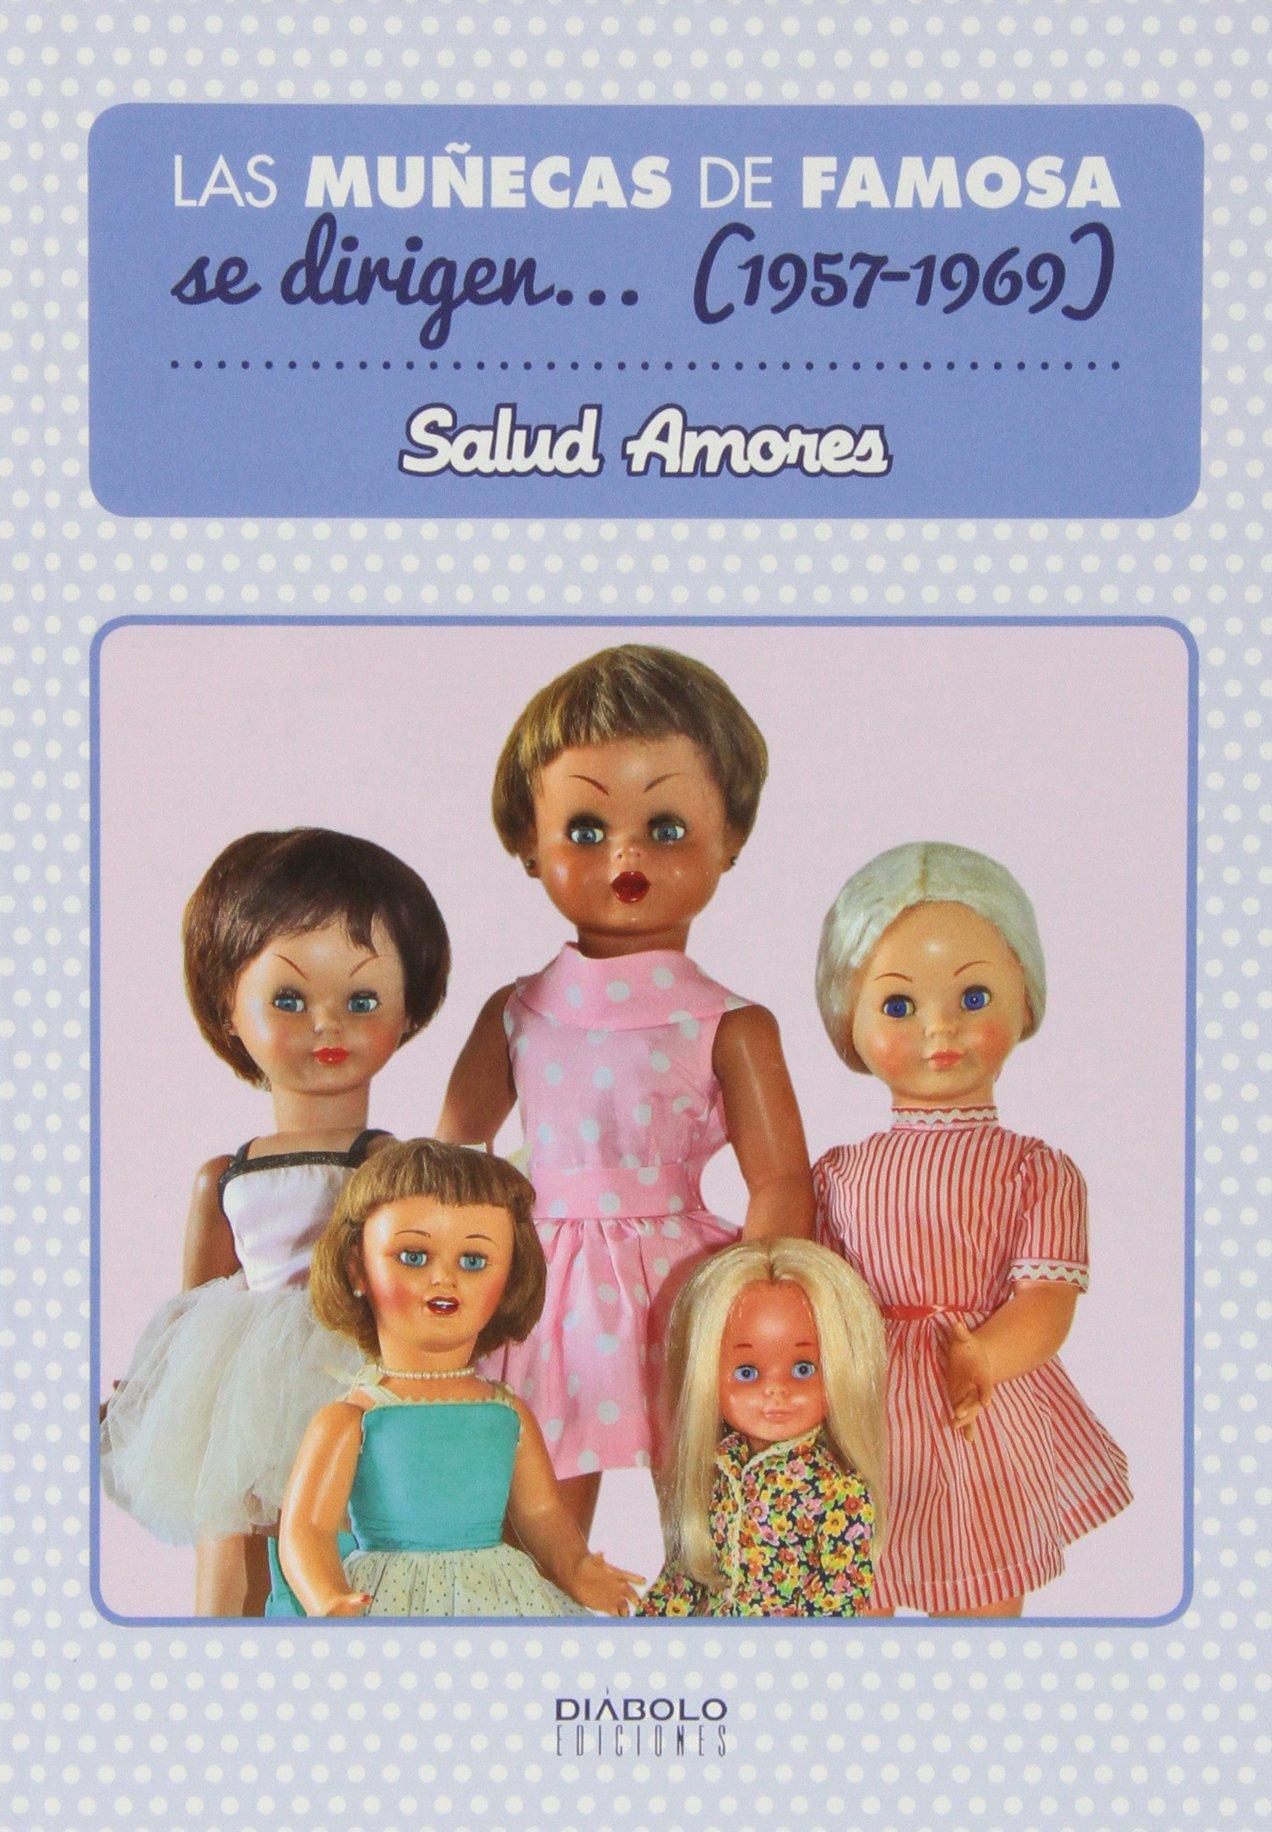 Las Muñecas De Famosa Se Dirigen… (1957-1969) Tapa blanda – 14 nov 2013 Amores Salud Diábolo 8415839634 Antiques & collectables